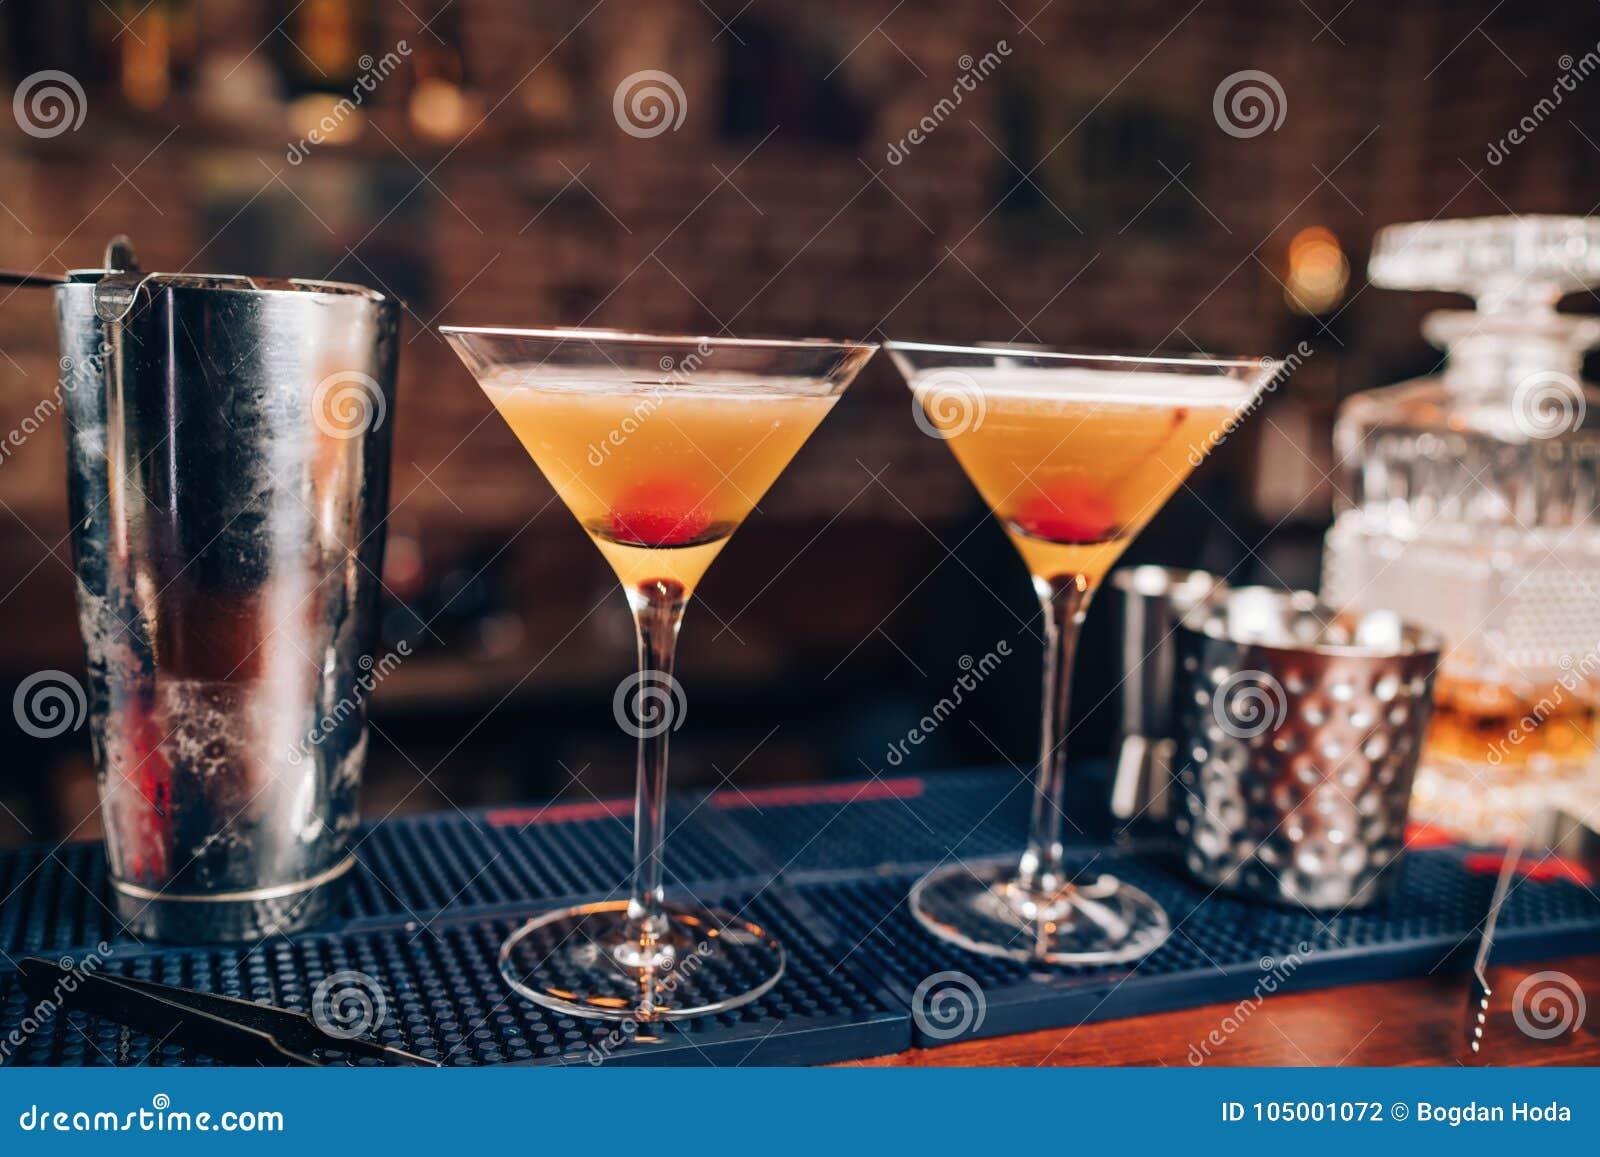 Verse alcoholische cocktails op barteller Sluit omhoog van bardetails met dranken en dranken